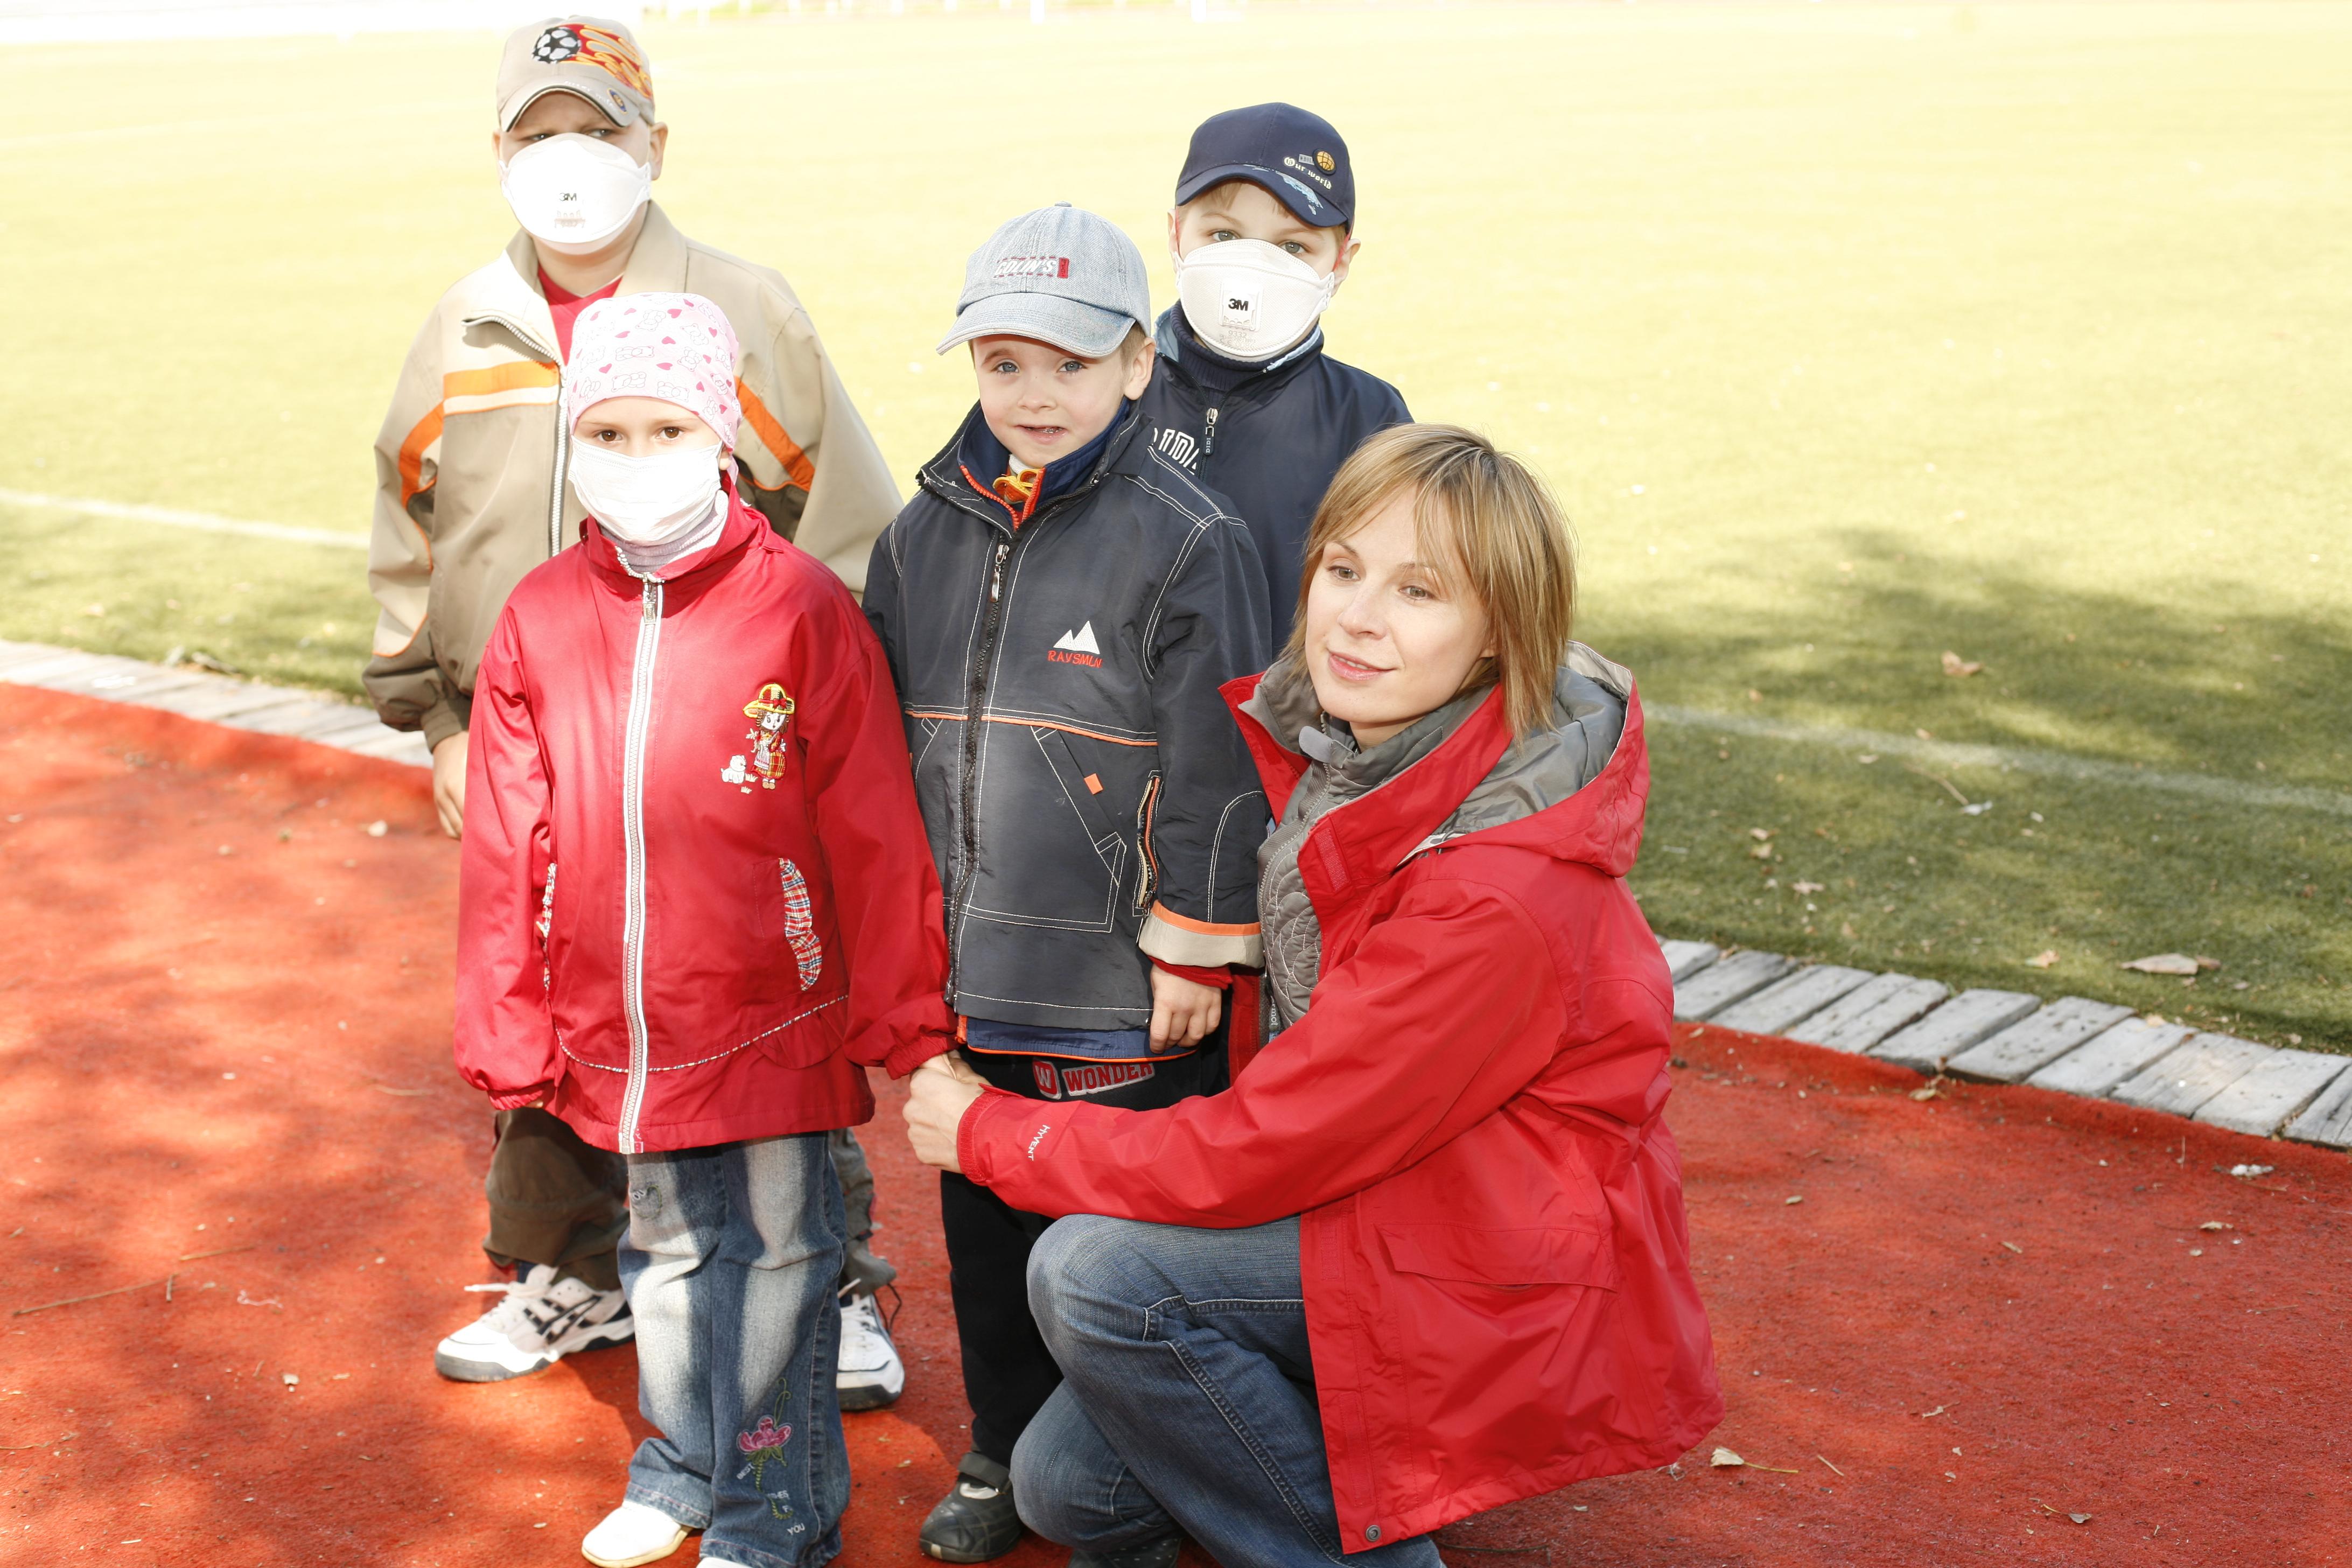 Тренировка в Москве перед благотворительным футбольным матчем в Лондоне, в котором наряду с известными спортсменами и артистами обеих стран, участвовали дети. Сентябрь 2007 г.